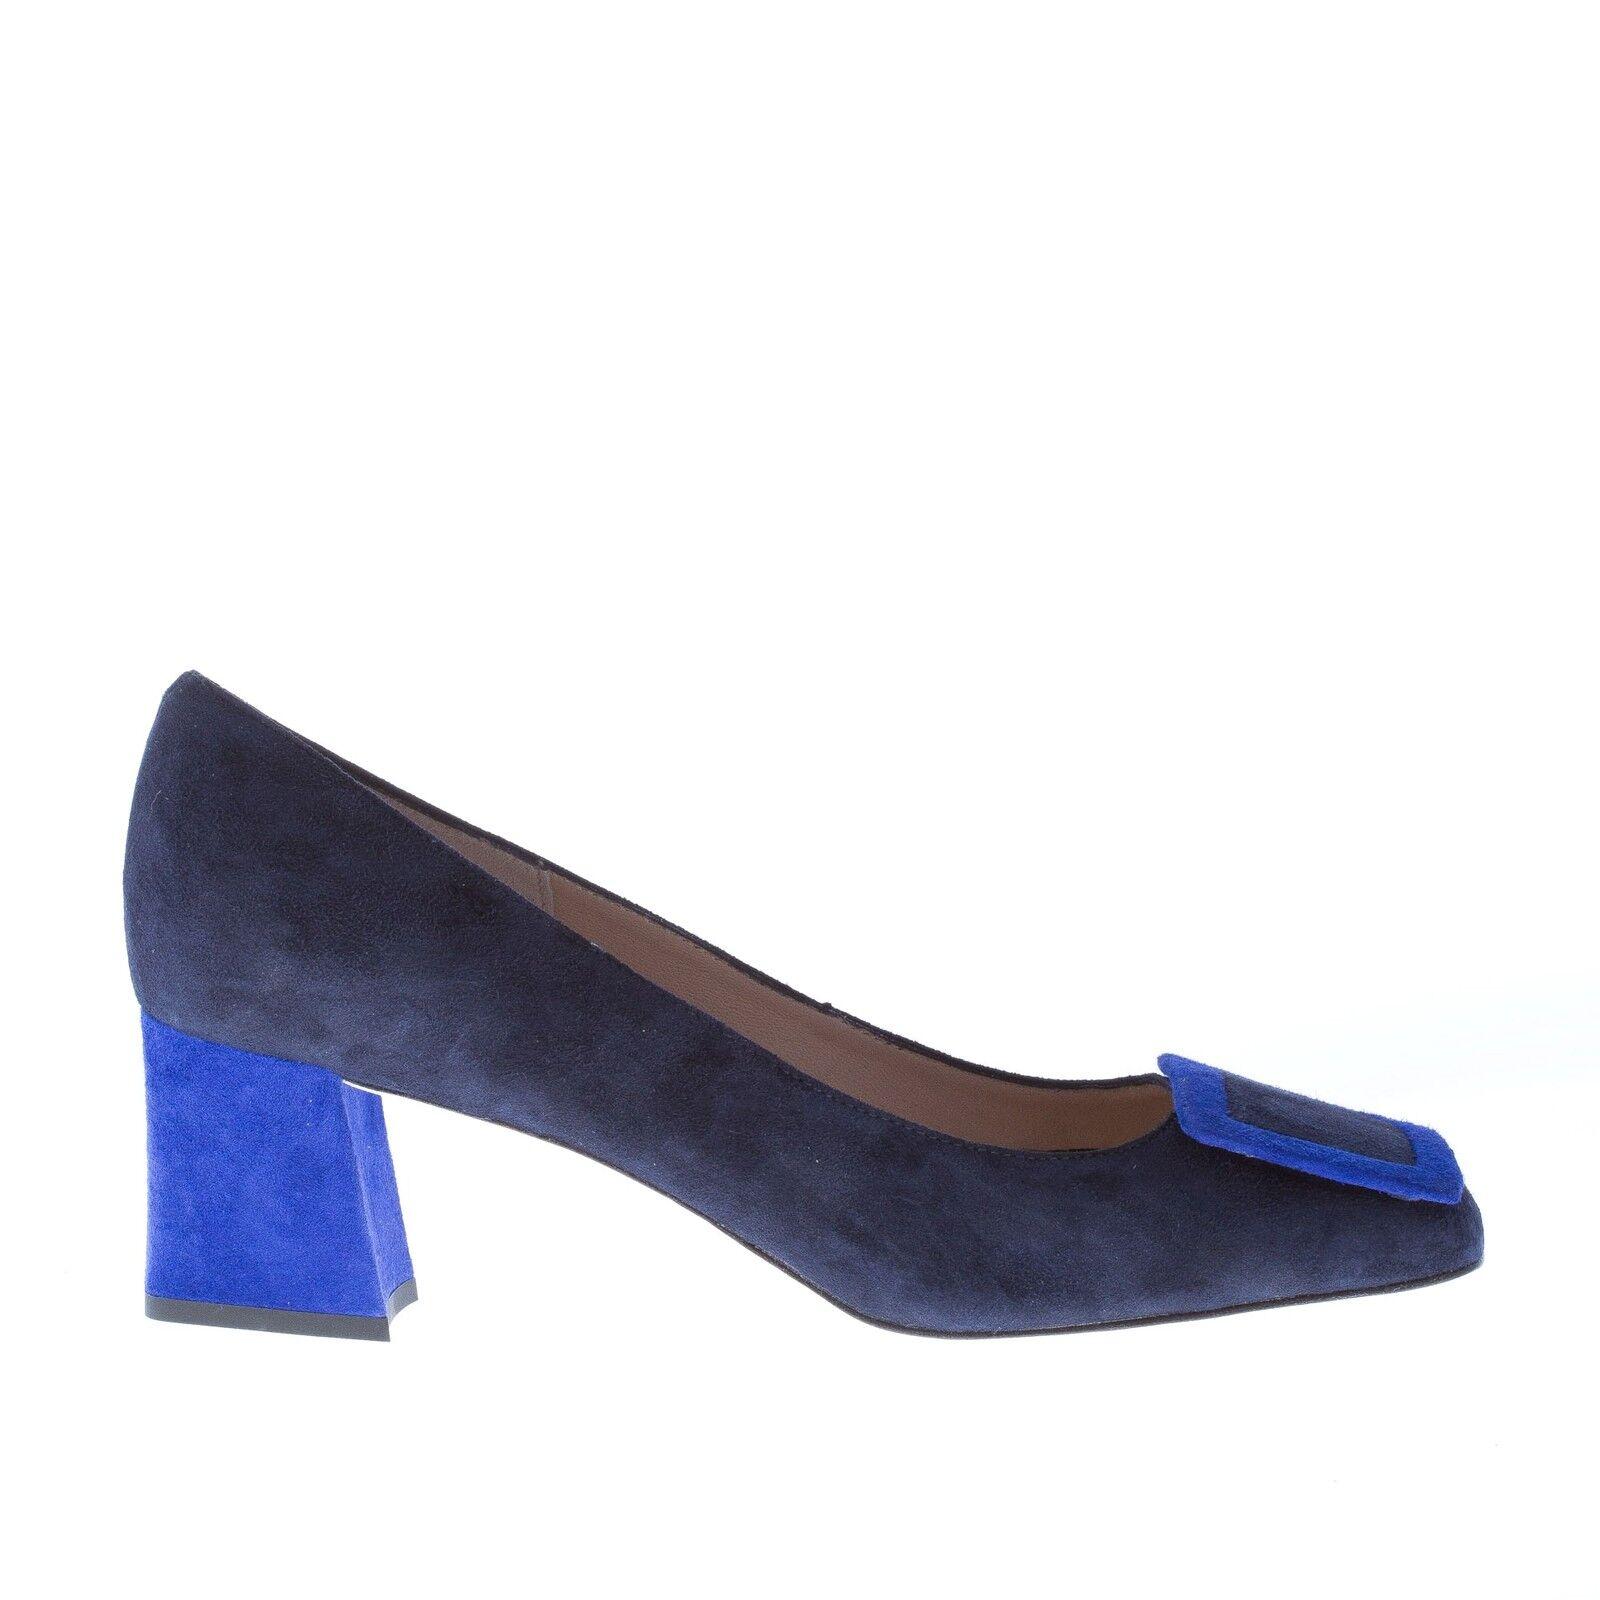 Zapatos de mujer il Borgo Firenze bomba de hebilla azul oscuro y tacones azules eléctricos